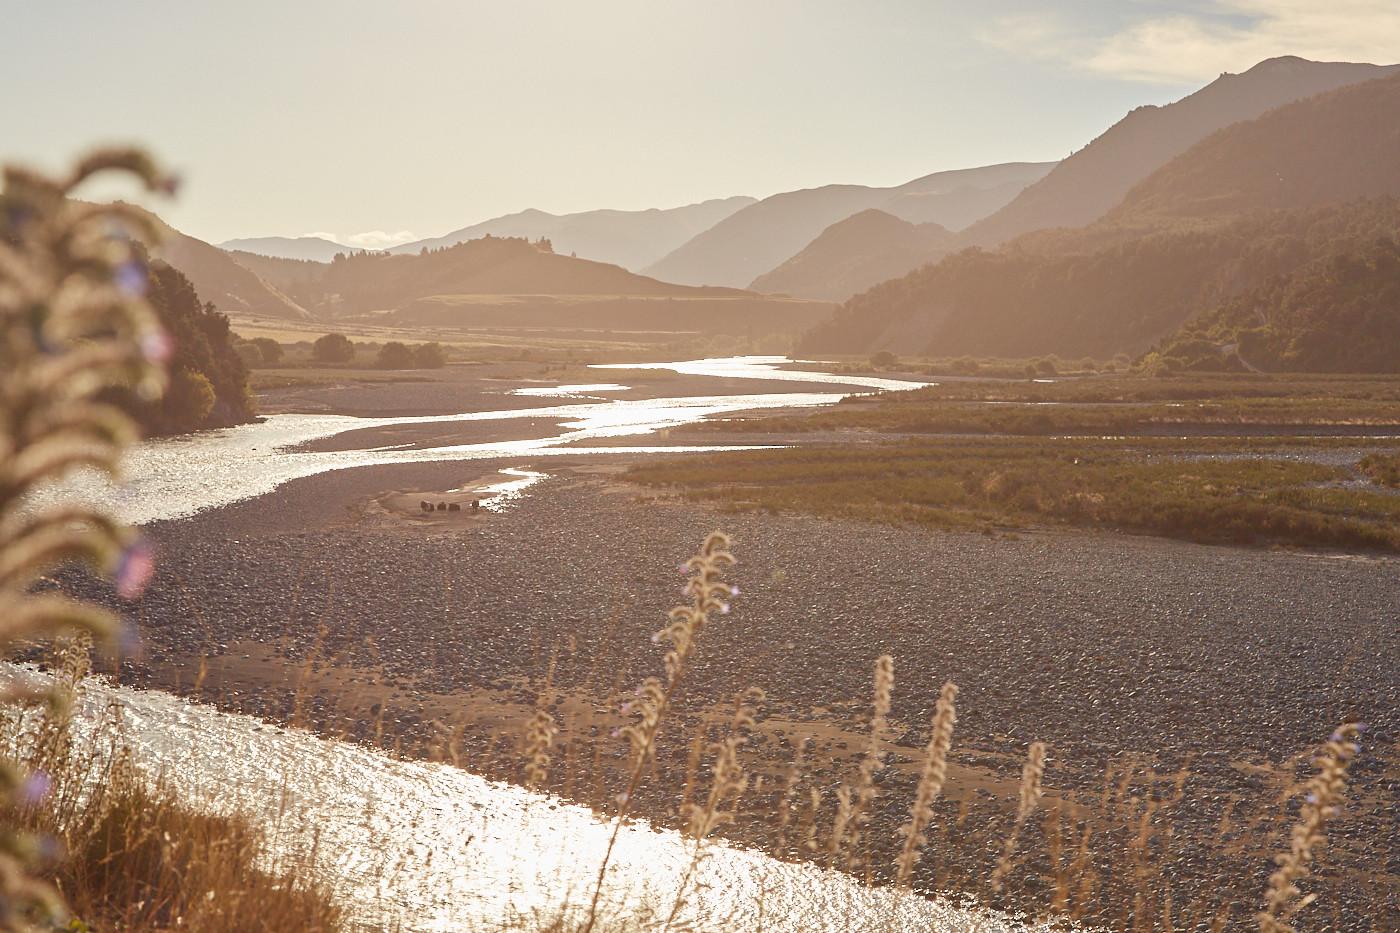 Neuseeland's Südinsel erstaunt immer wieder mit wunderschönen Landschaften! Langsam geht die Sonne unter, als wir in dieses Tal und Flussbett schauen und sich die Blumen sanft im Wind wiegen.